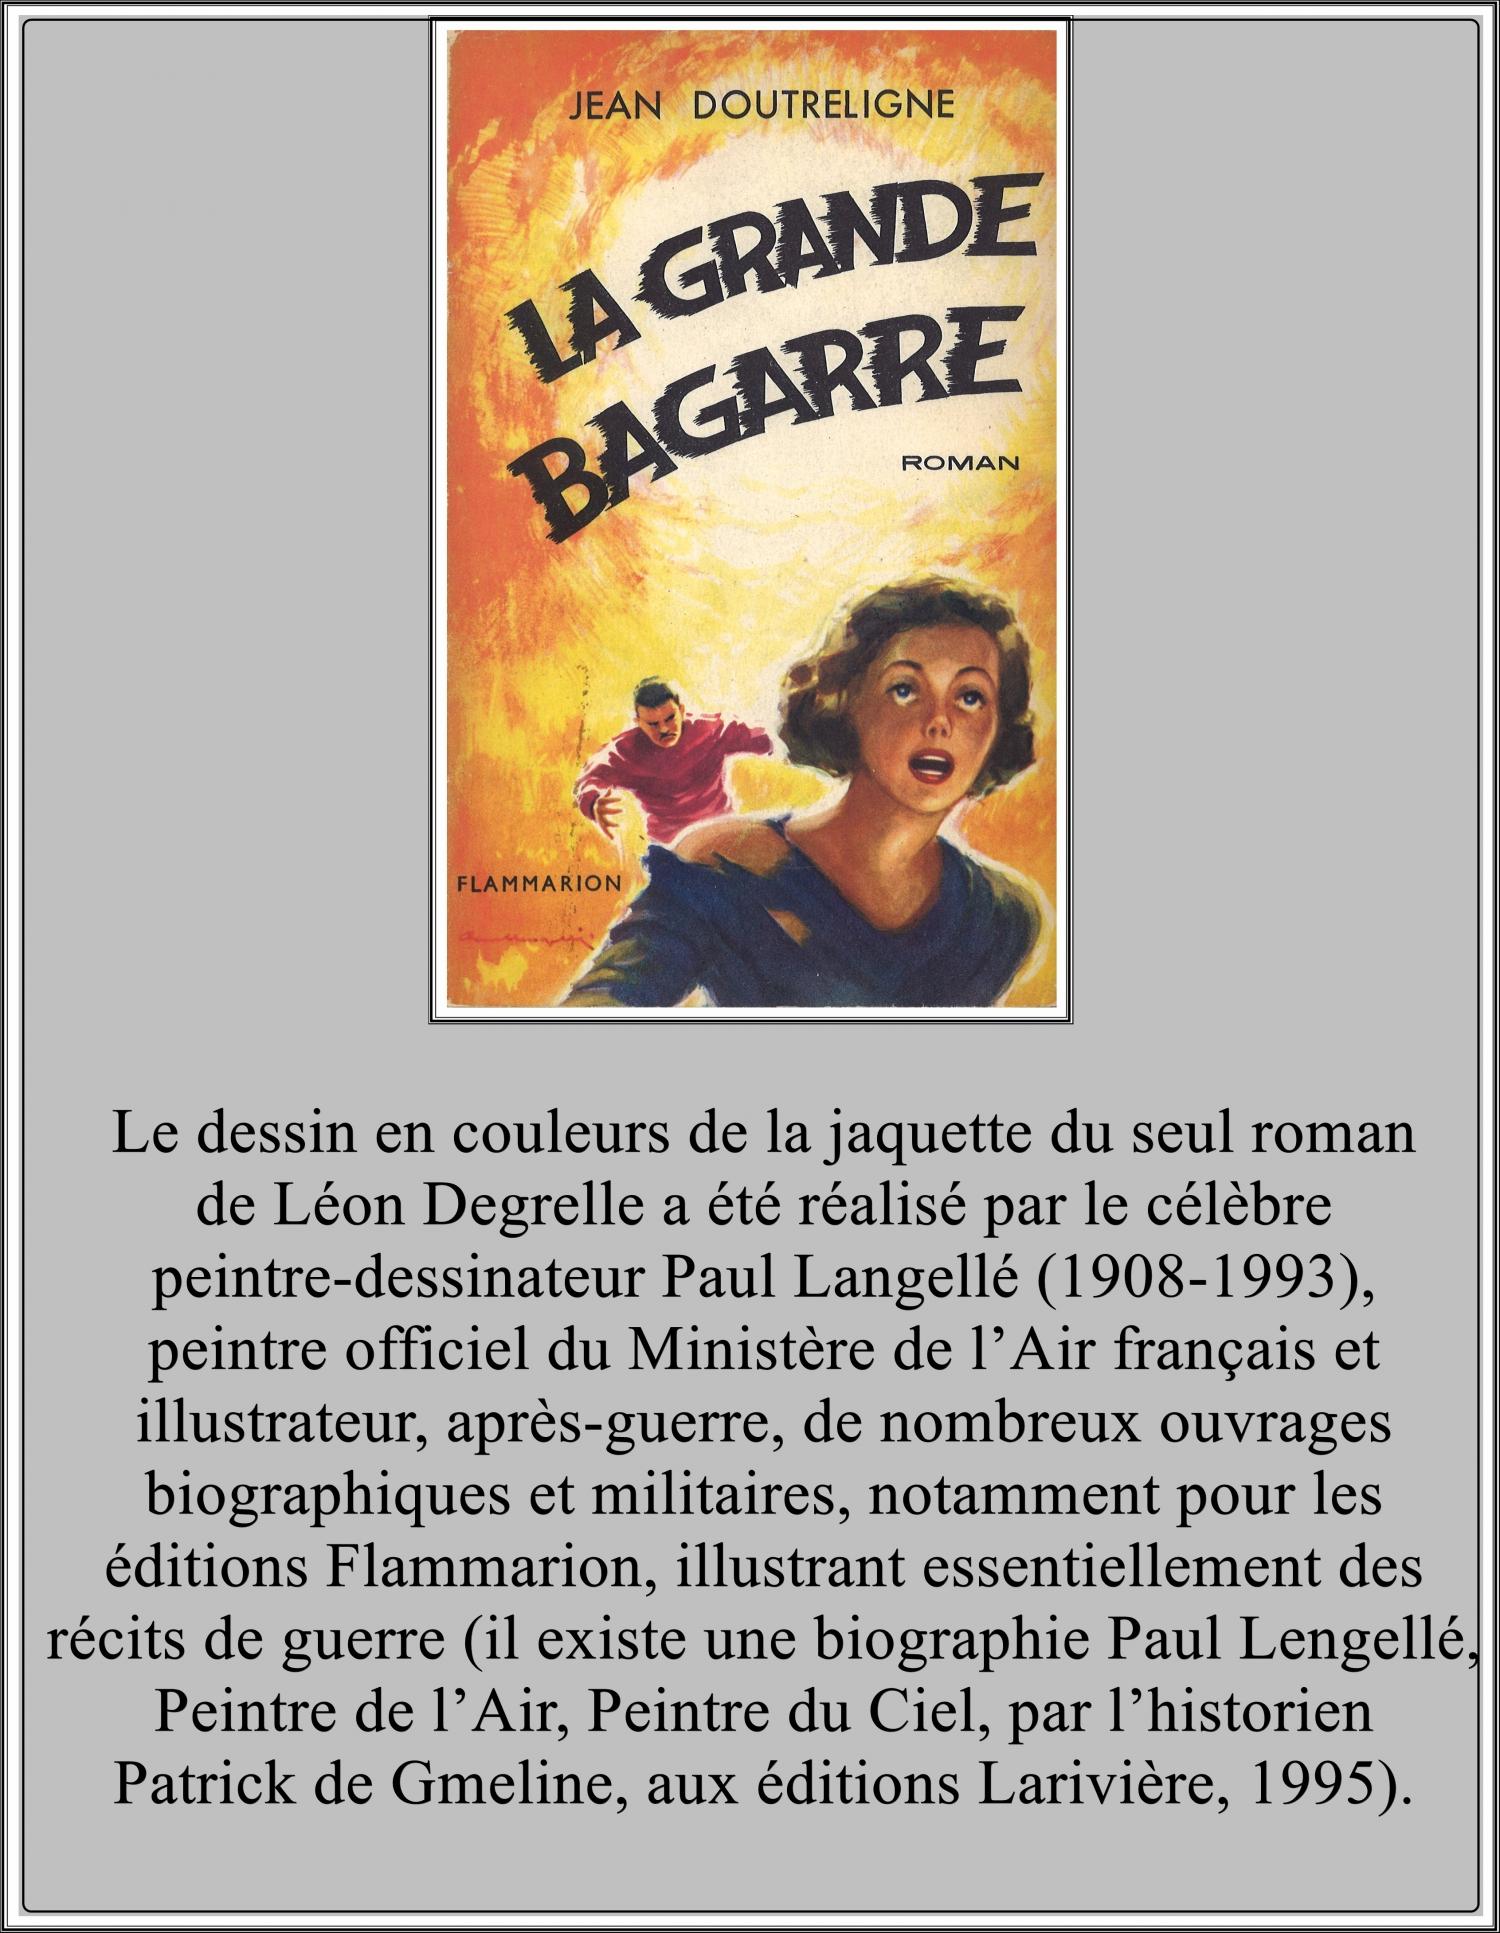 jean doutreligne,léon degrelle,francis bergeron,la grande bagarre,lucien rebatet